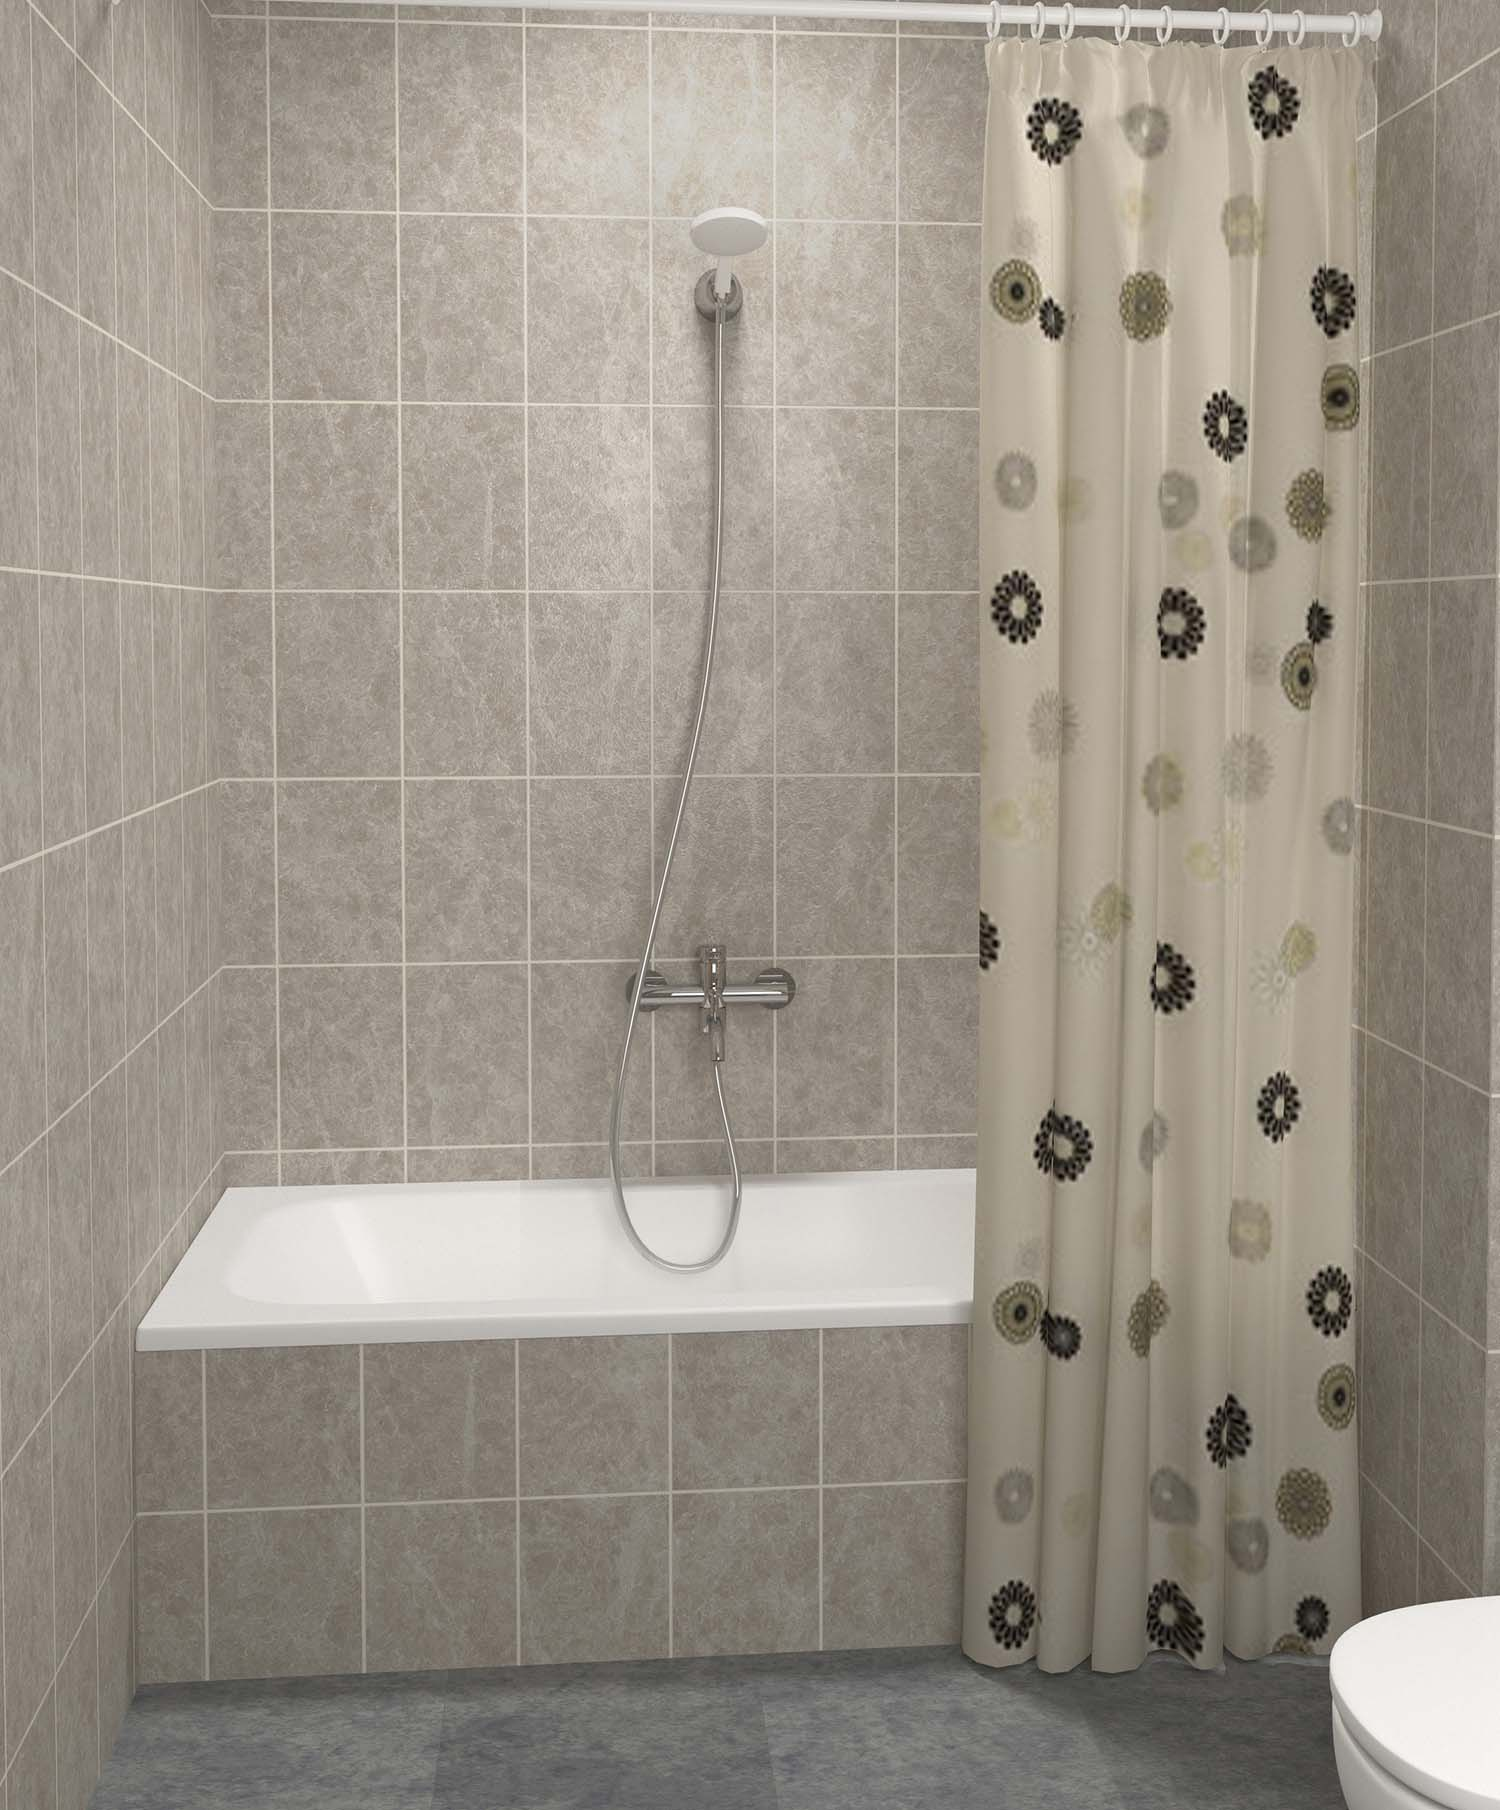 Quitar baera y poner ducha cambiar baera por ducha - Quitar banera y poner plato de ducha ...